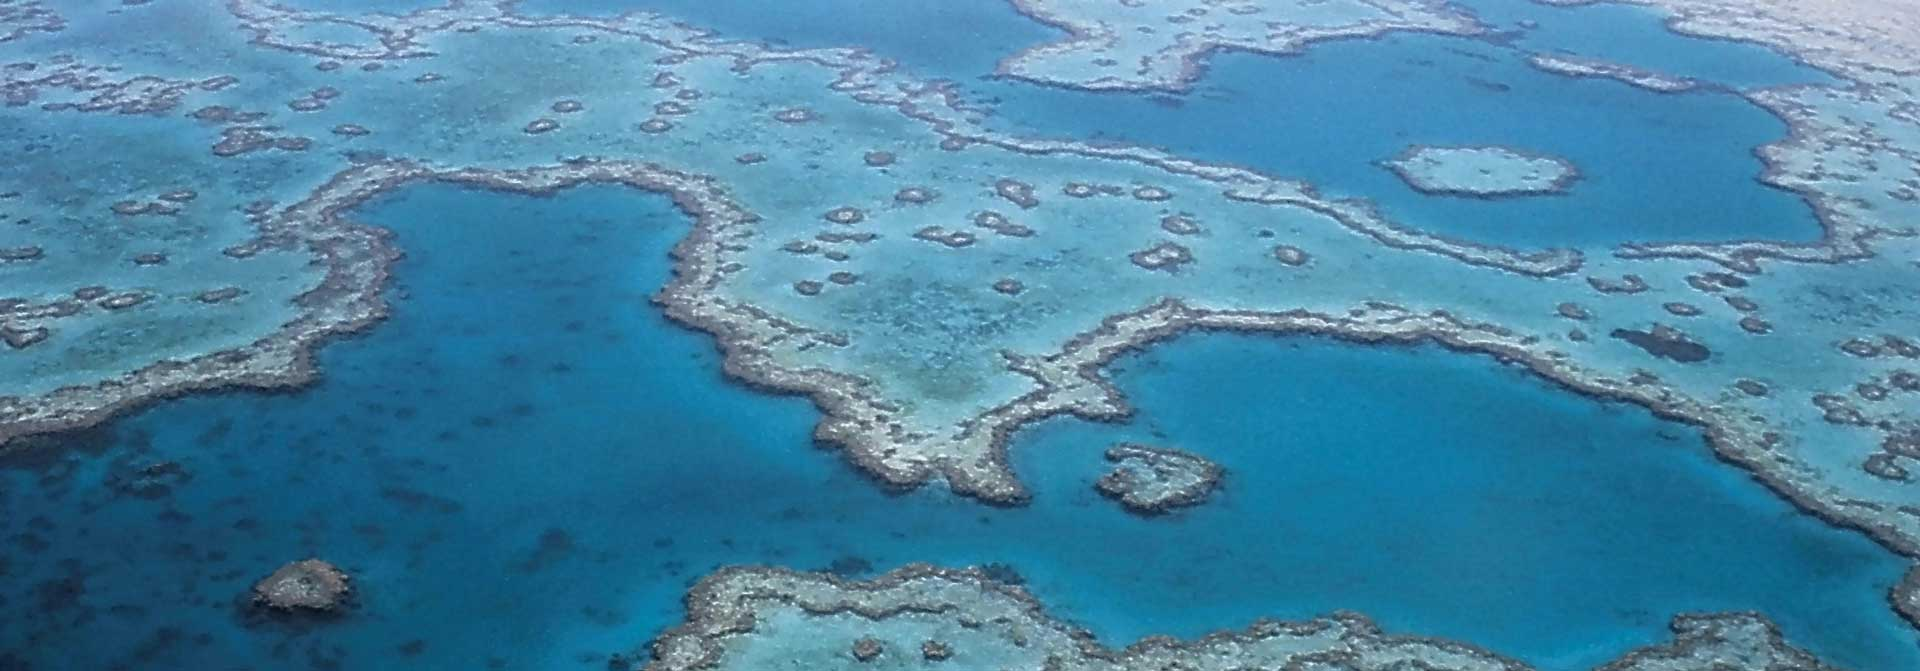 Bird's eye image of great barrier reef in queensland